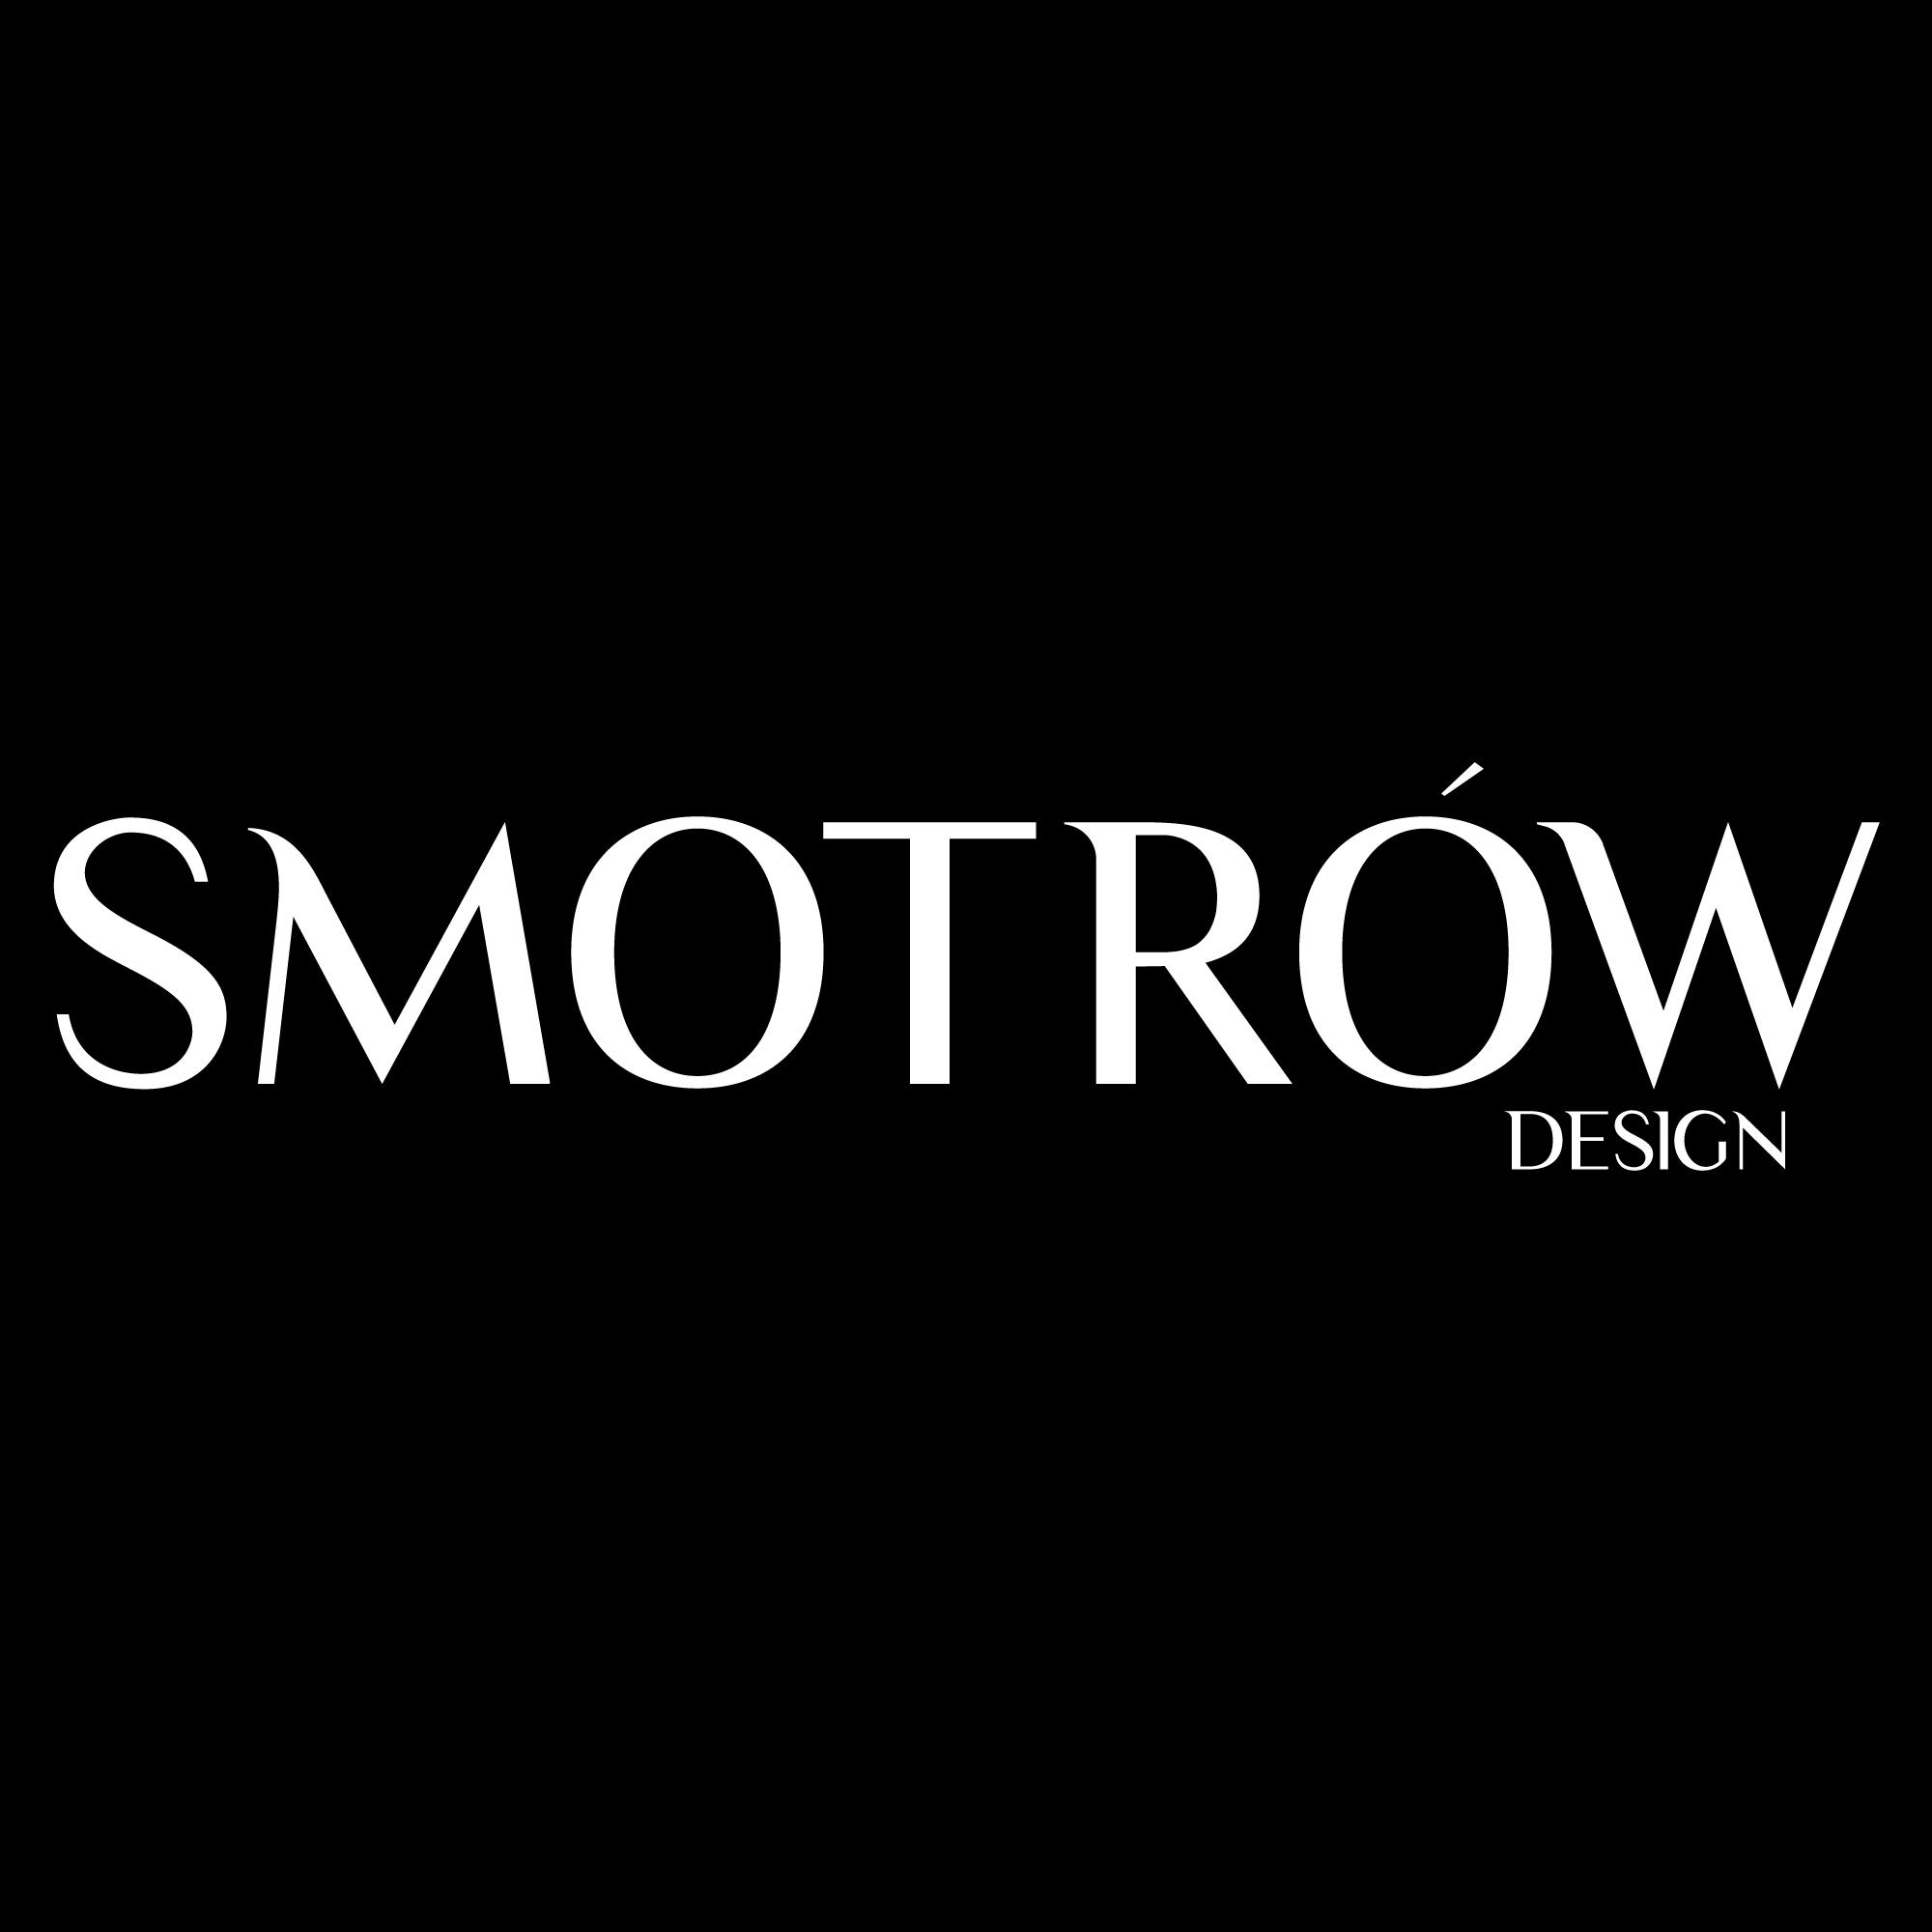 Smotrow Design Logo